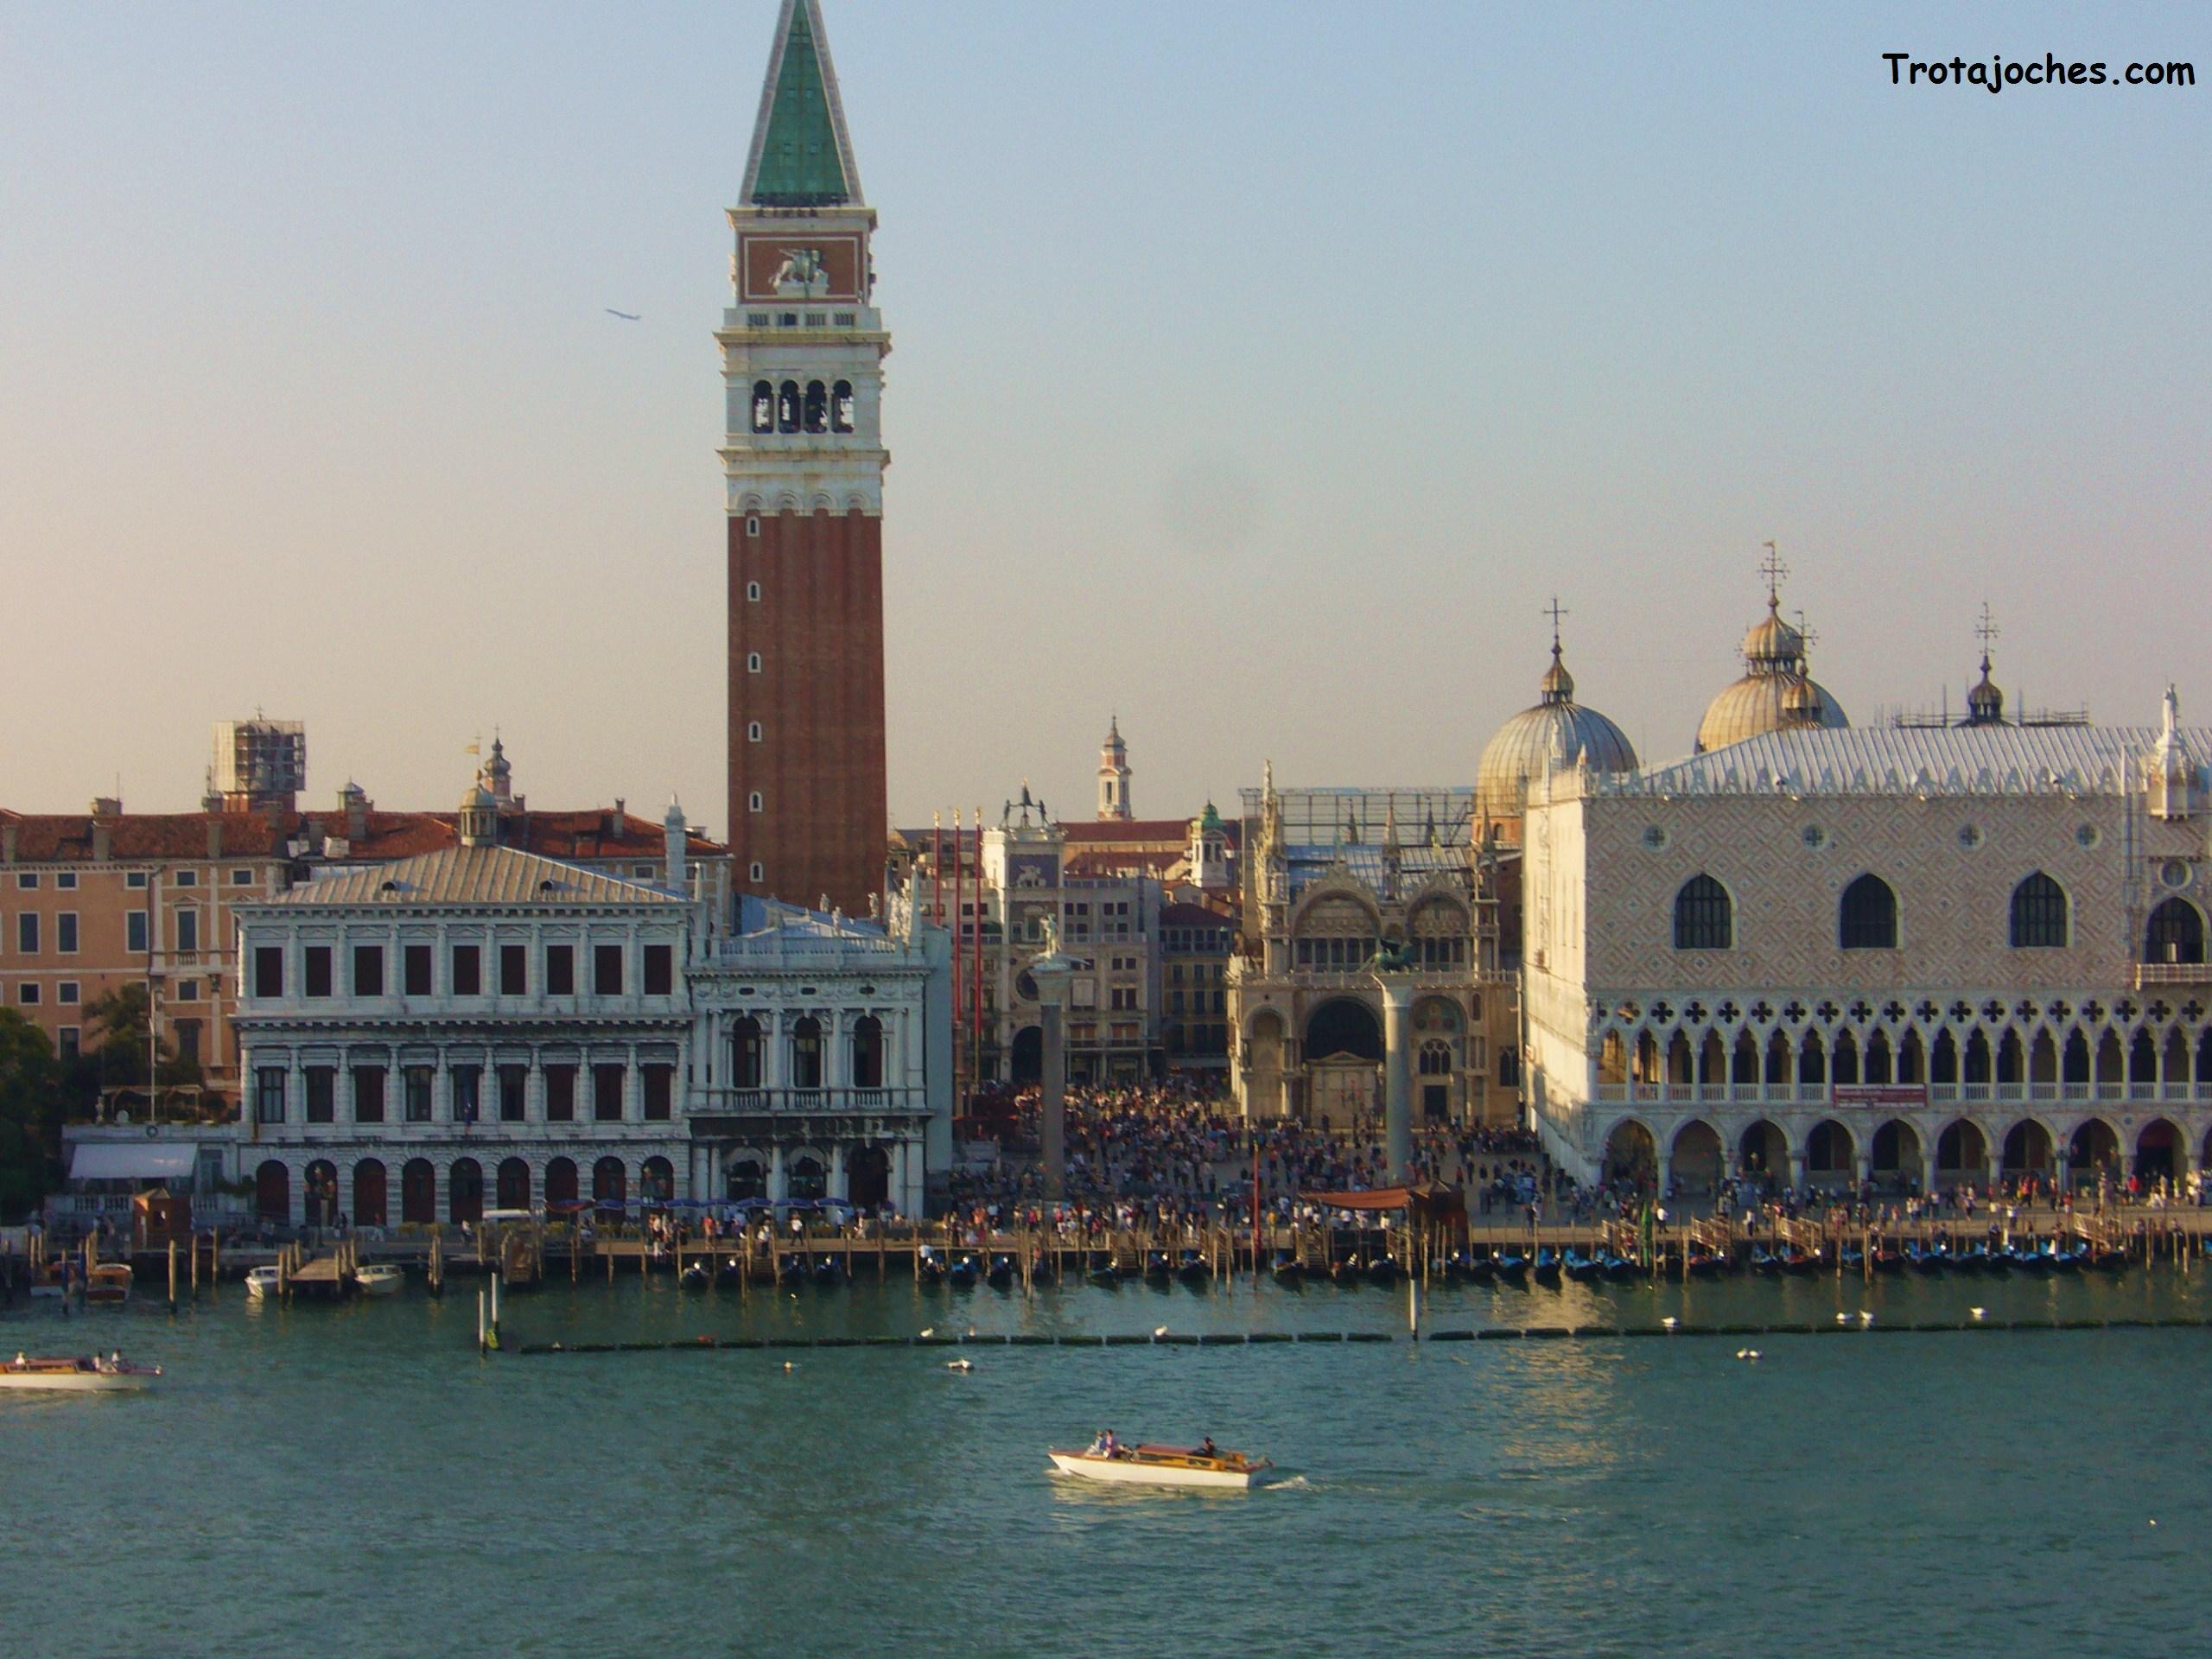 Venecia vista desde el otro lado del gran canal